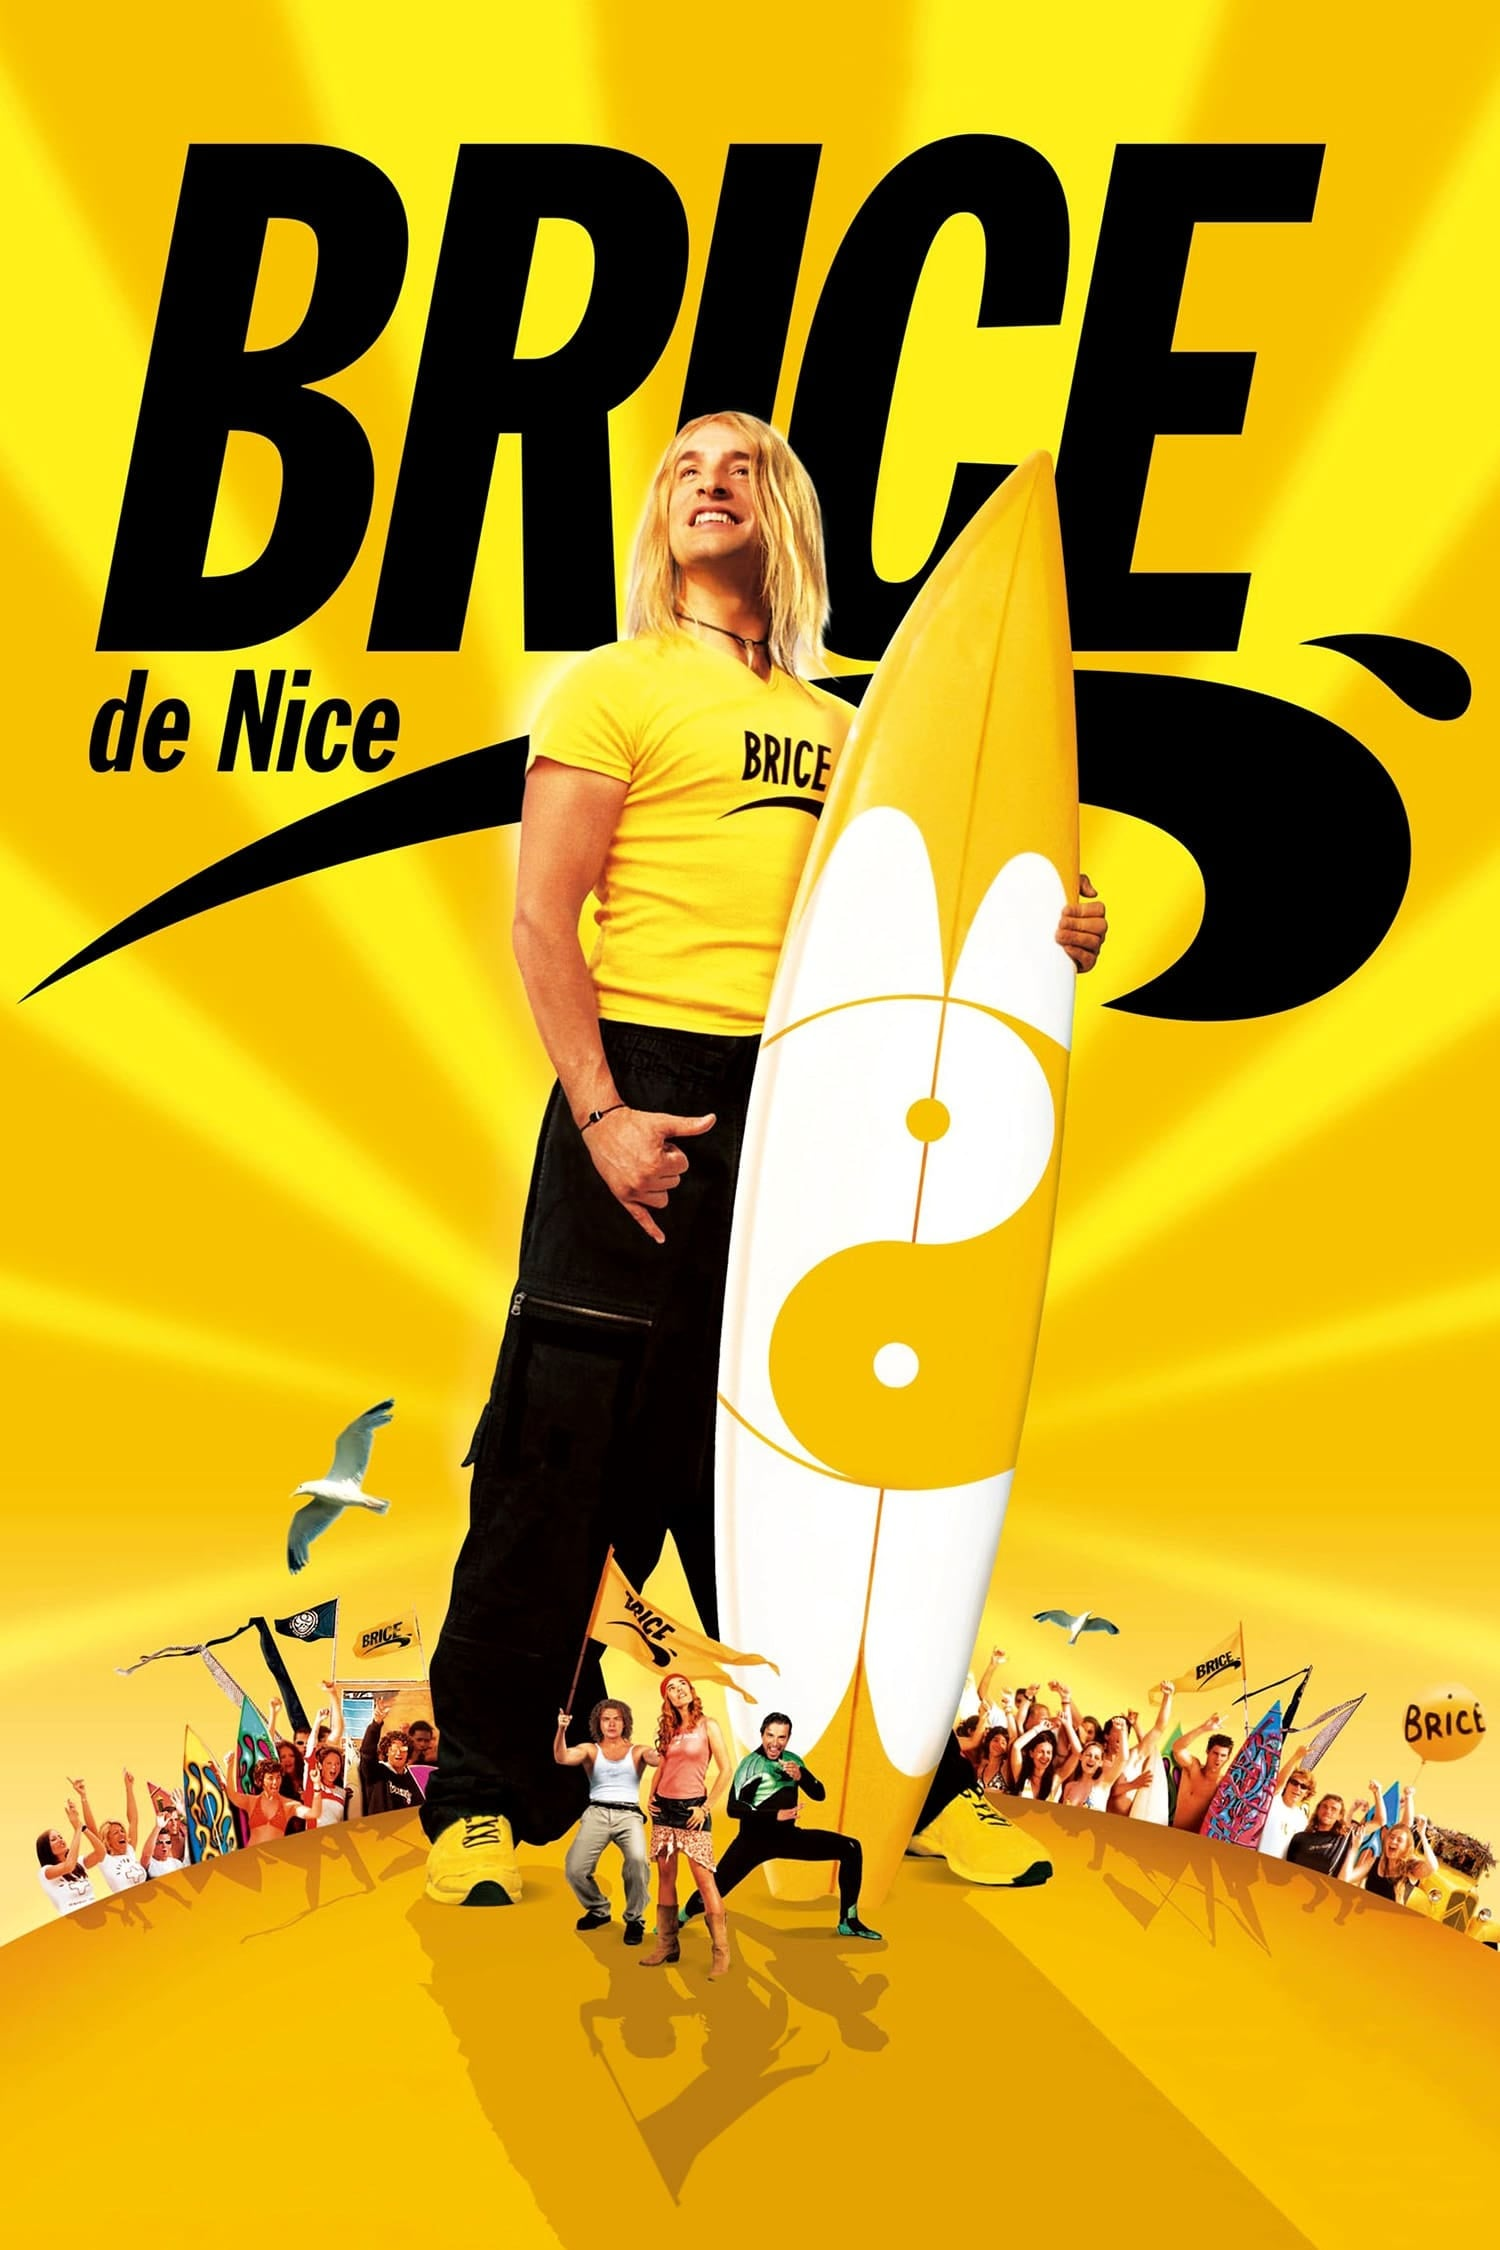 Brice de Nice - 2005